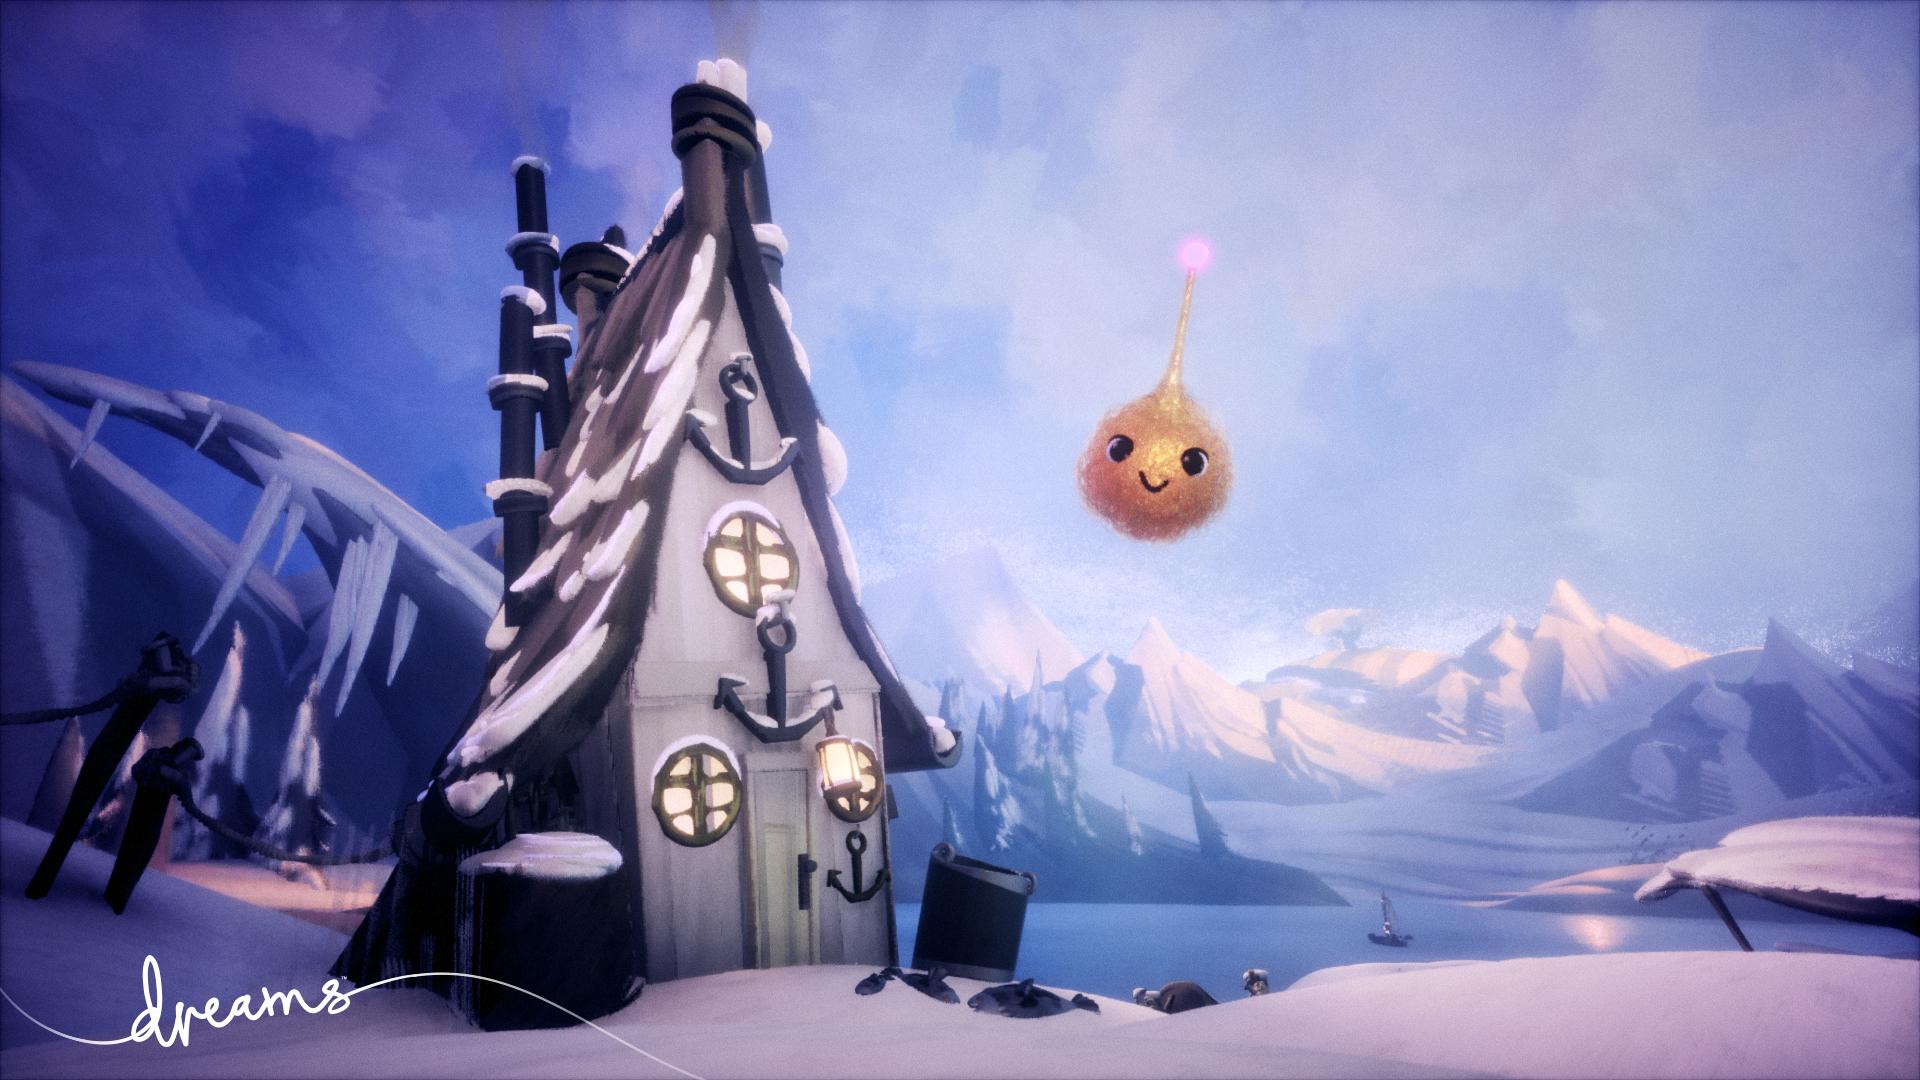 عنوان انحصاری Dreams هنوز زنده است   روند توسعه بازی طی میشود!